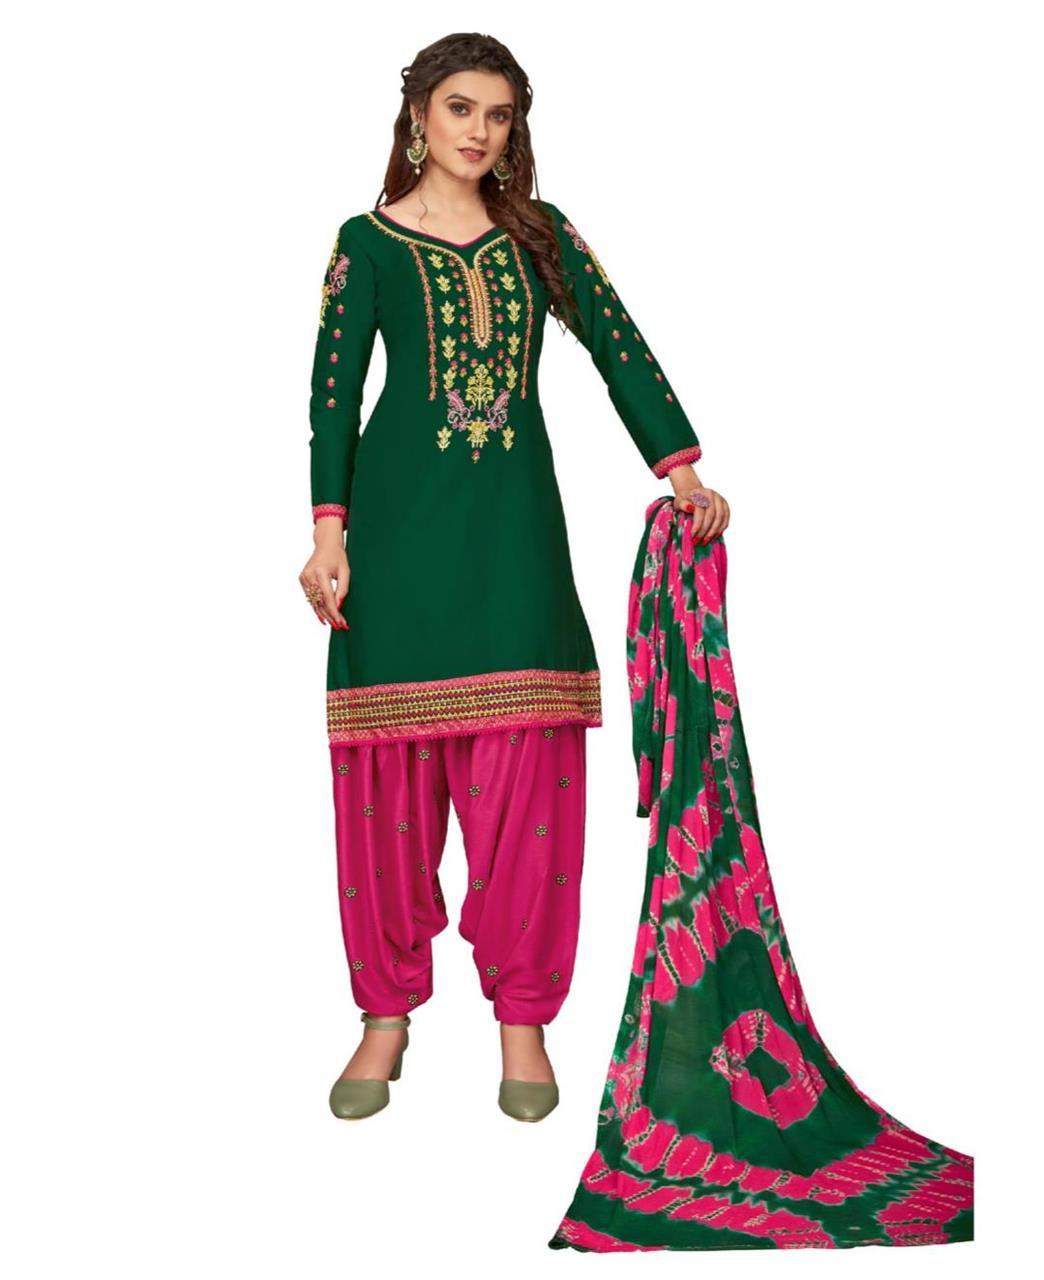 Stone Work Cotton Patiyala Suit Salwar in Green